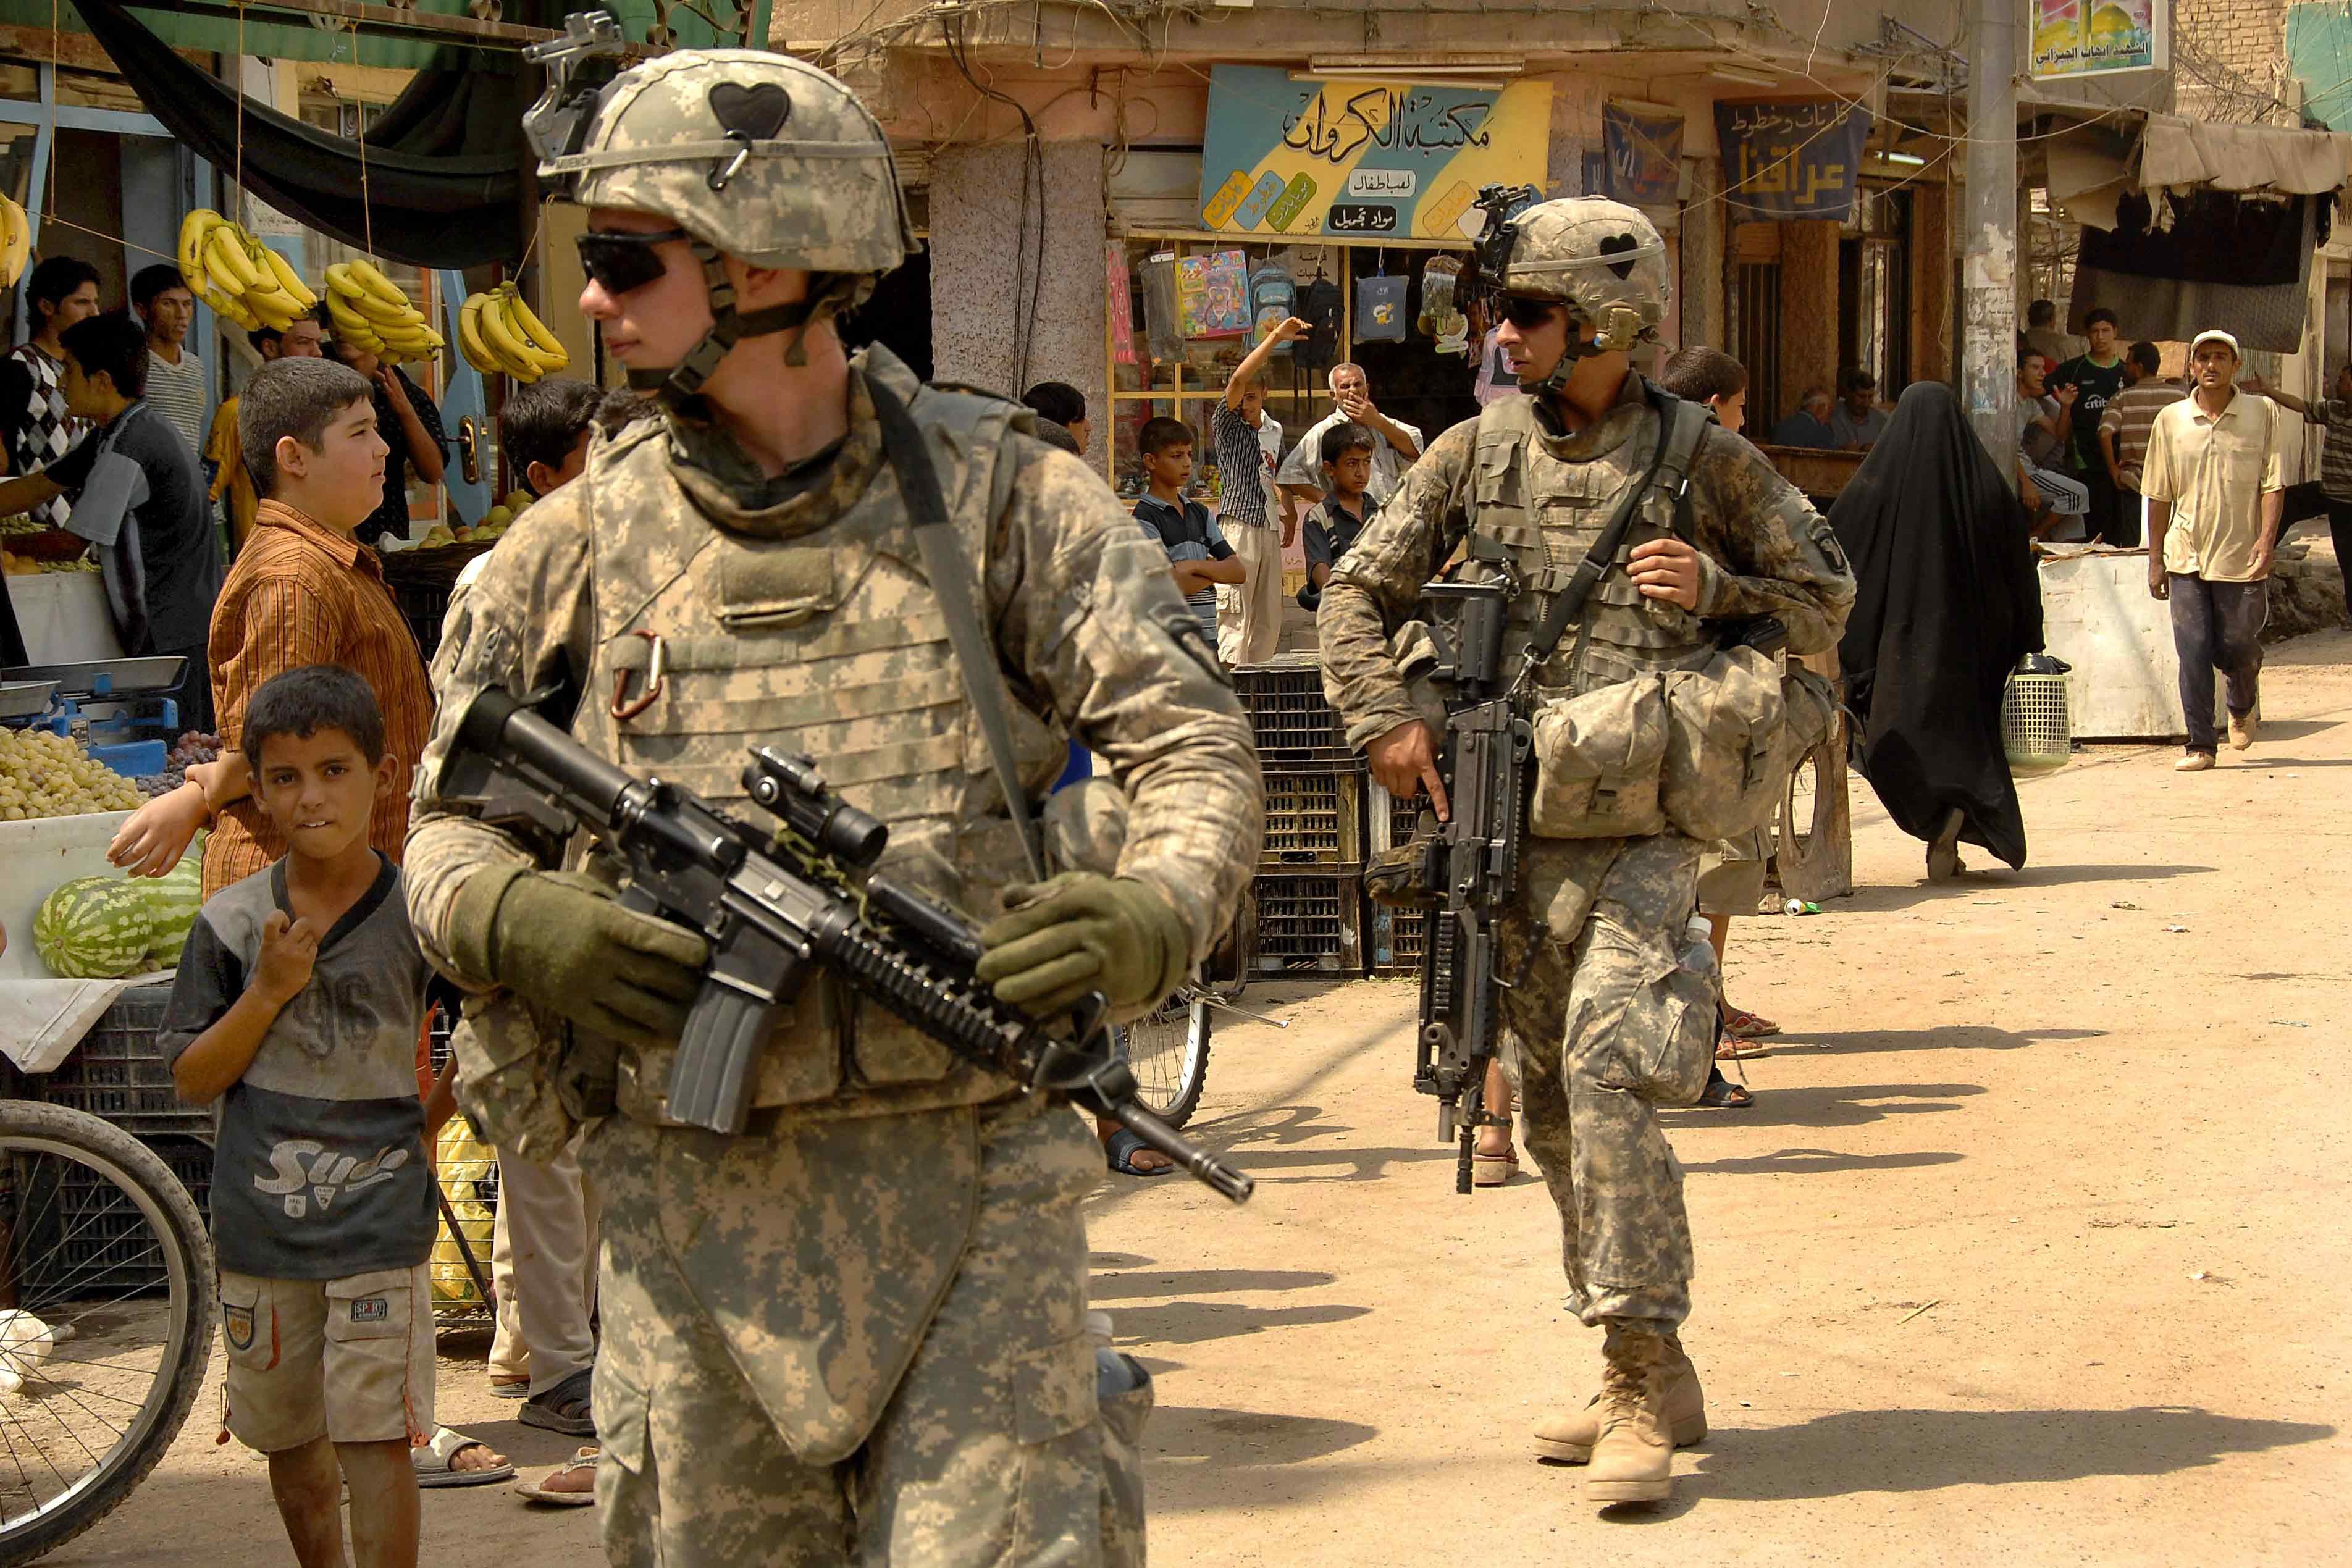 دادگاه کیفری بینالملل از احتمال ارتکاب جرایم جنگی توسط ارتش آمریکا در افغانستان خبر داد